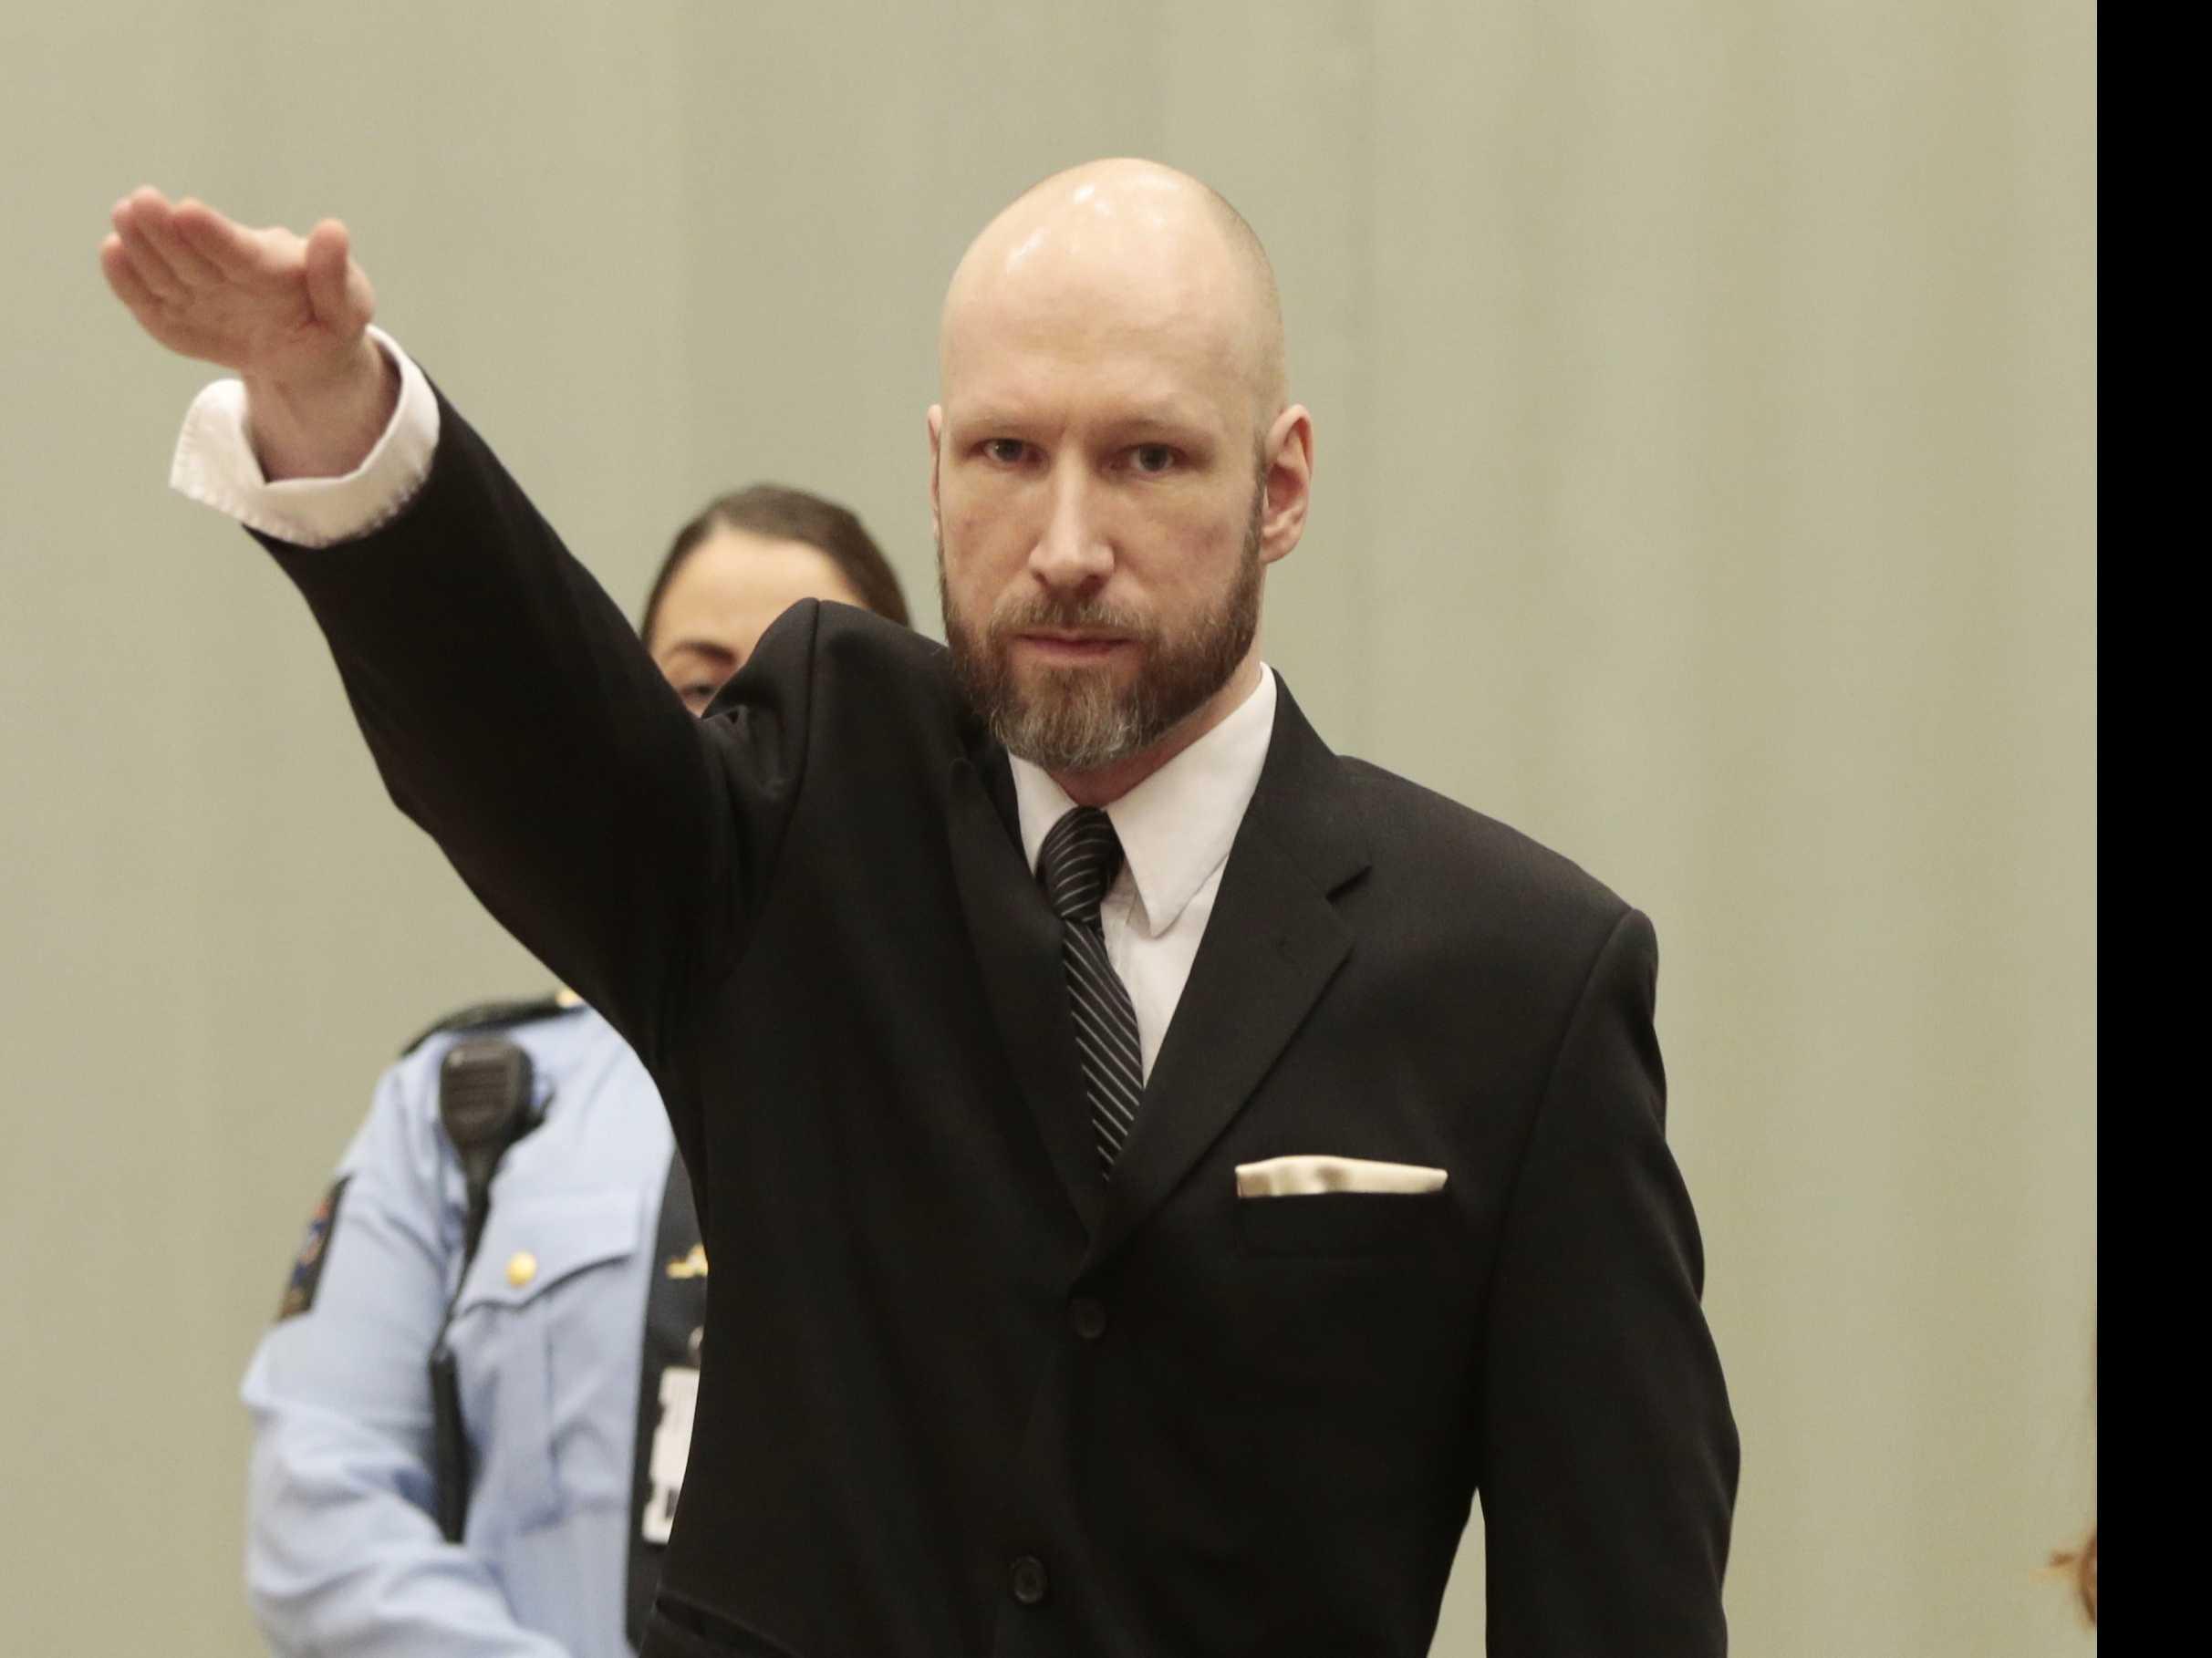 NZ Manifesto Resembles Norway Mass Murderer's Text